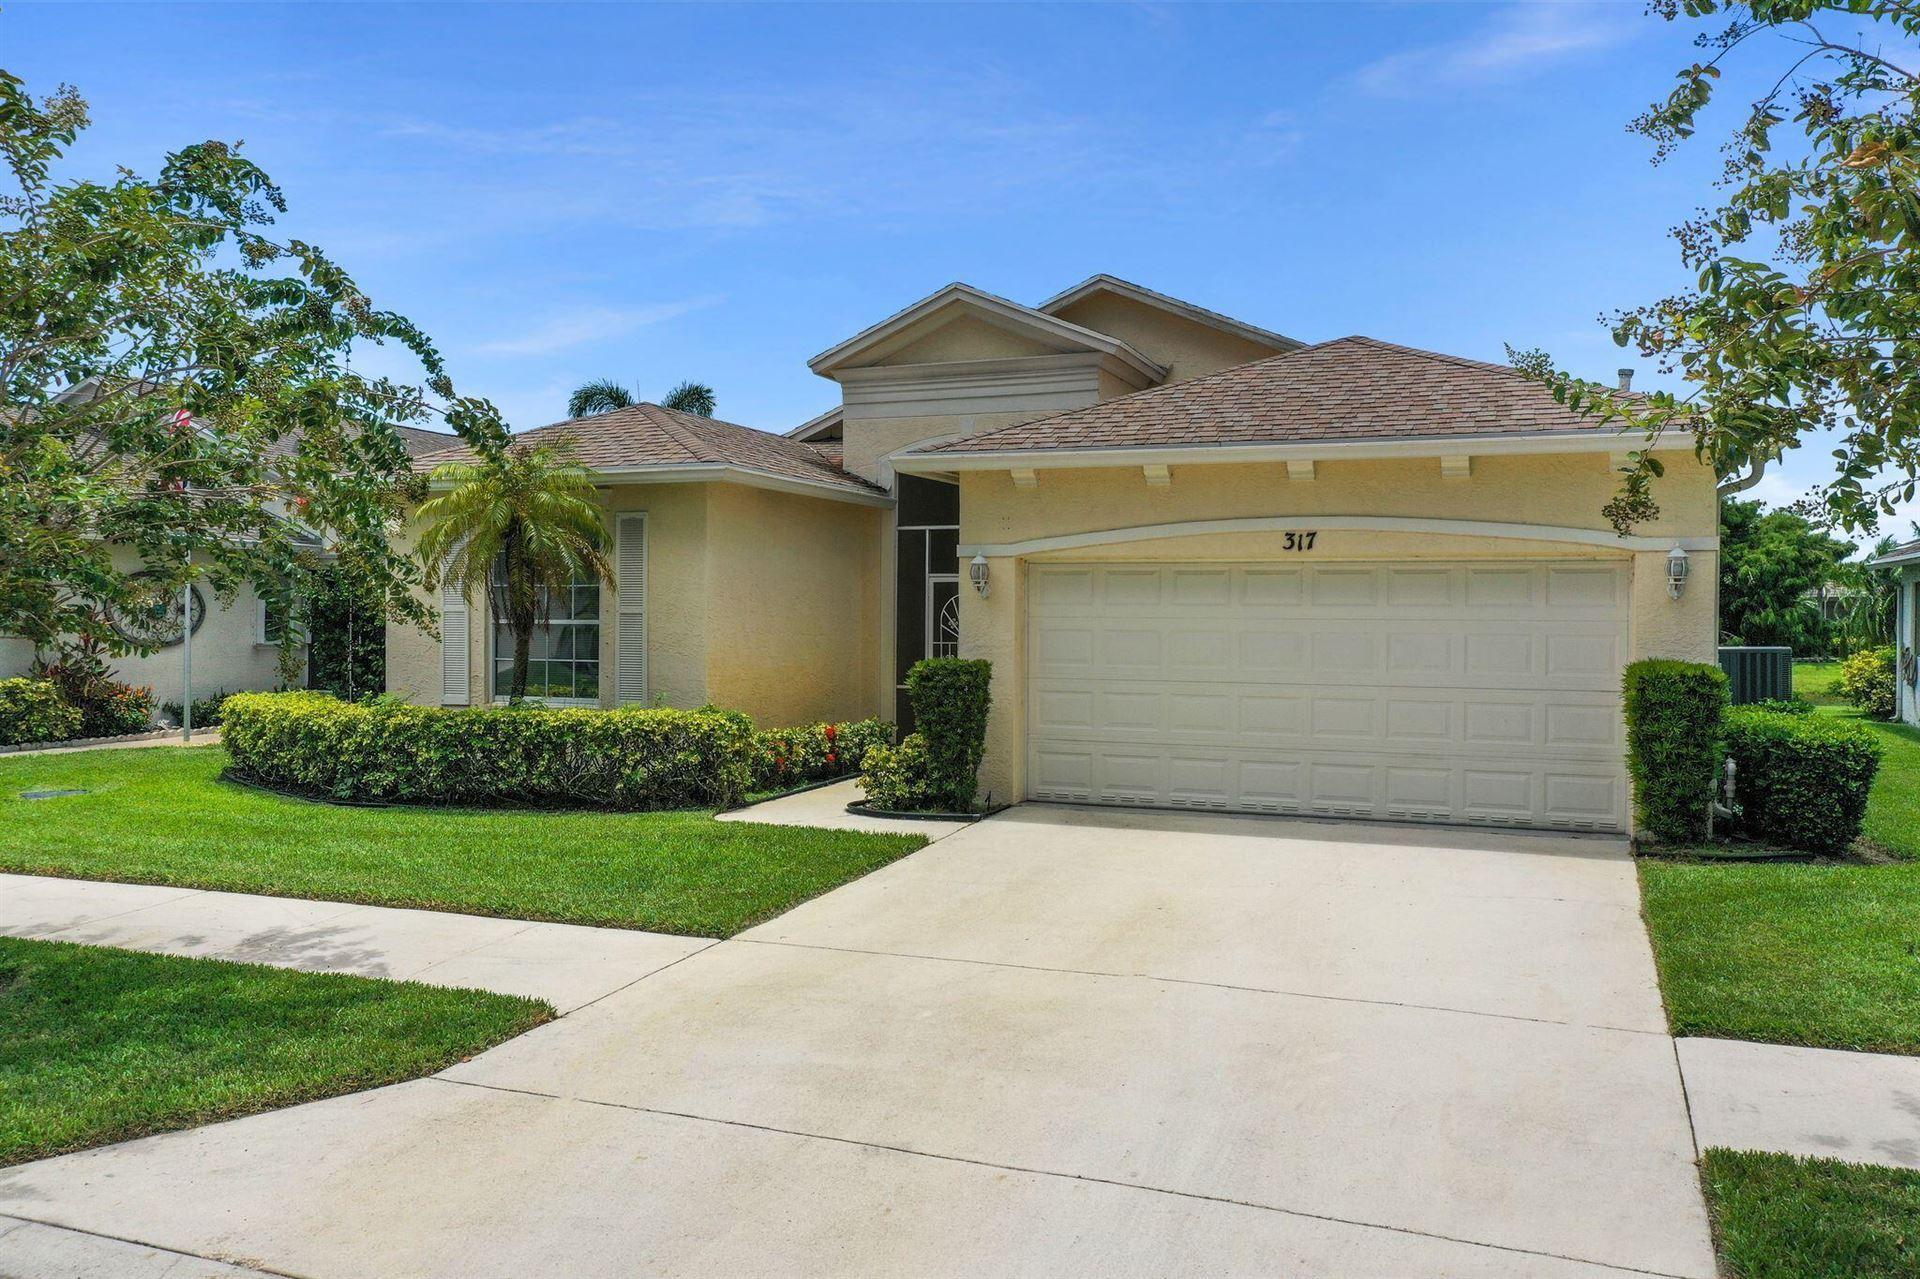 317 SW North Shore Boulevard, Port Saint Lucie, FL 34986 - #: RX-10732470